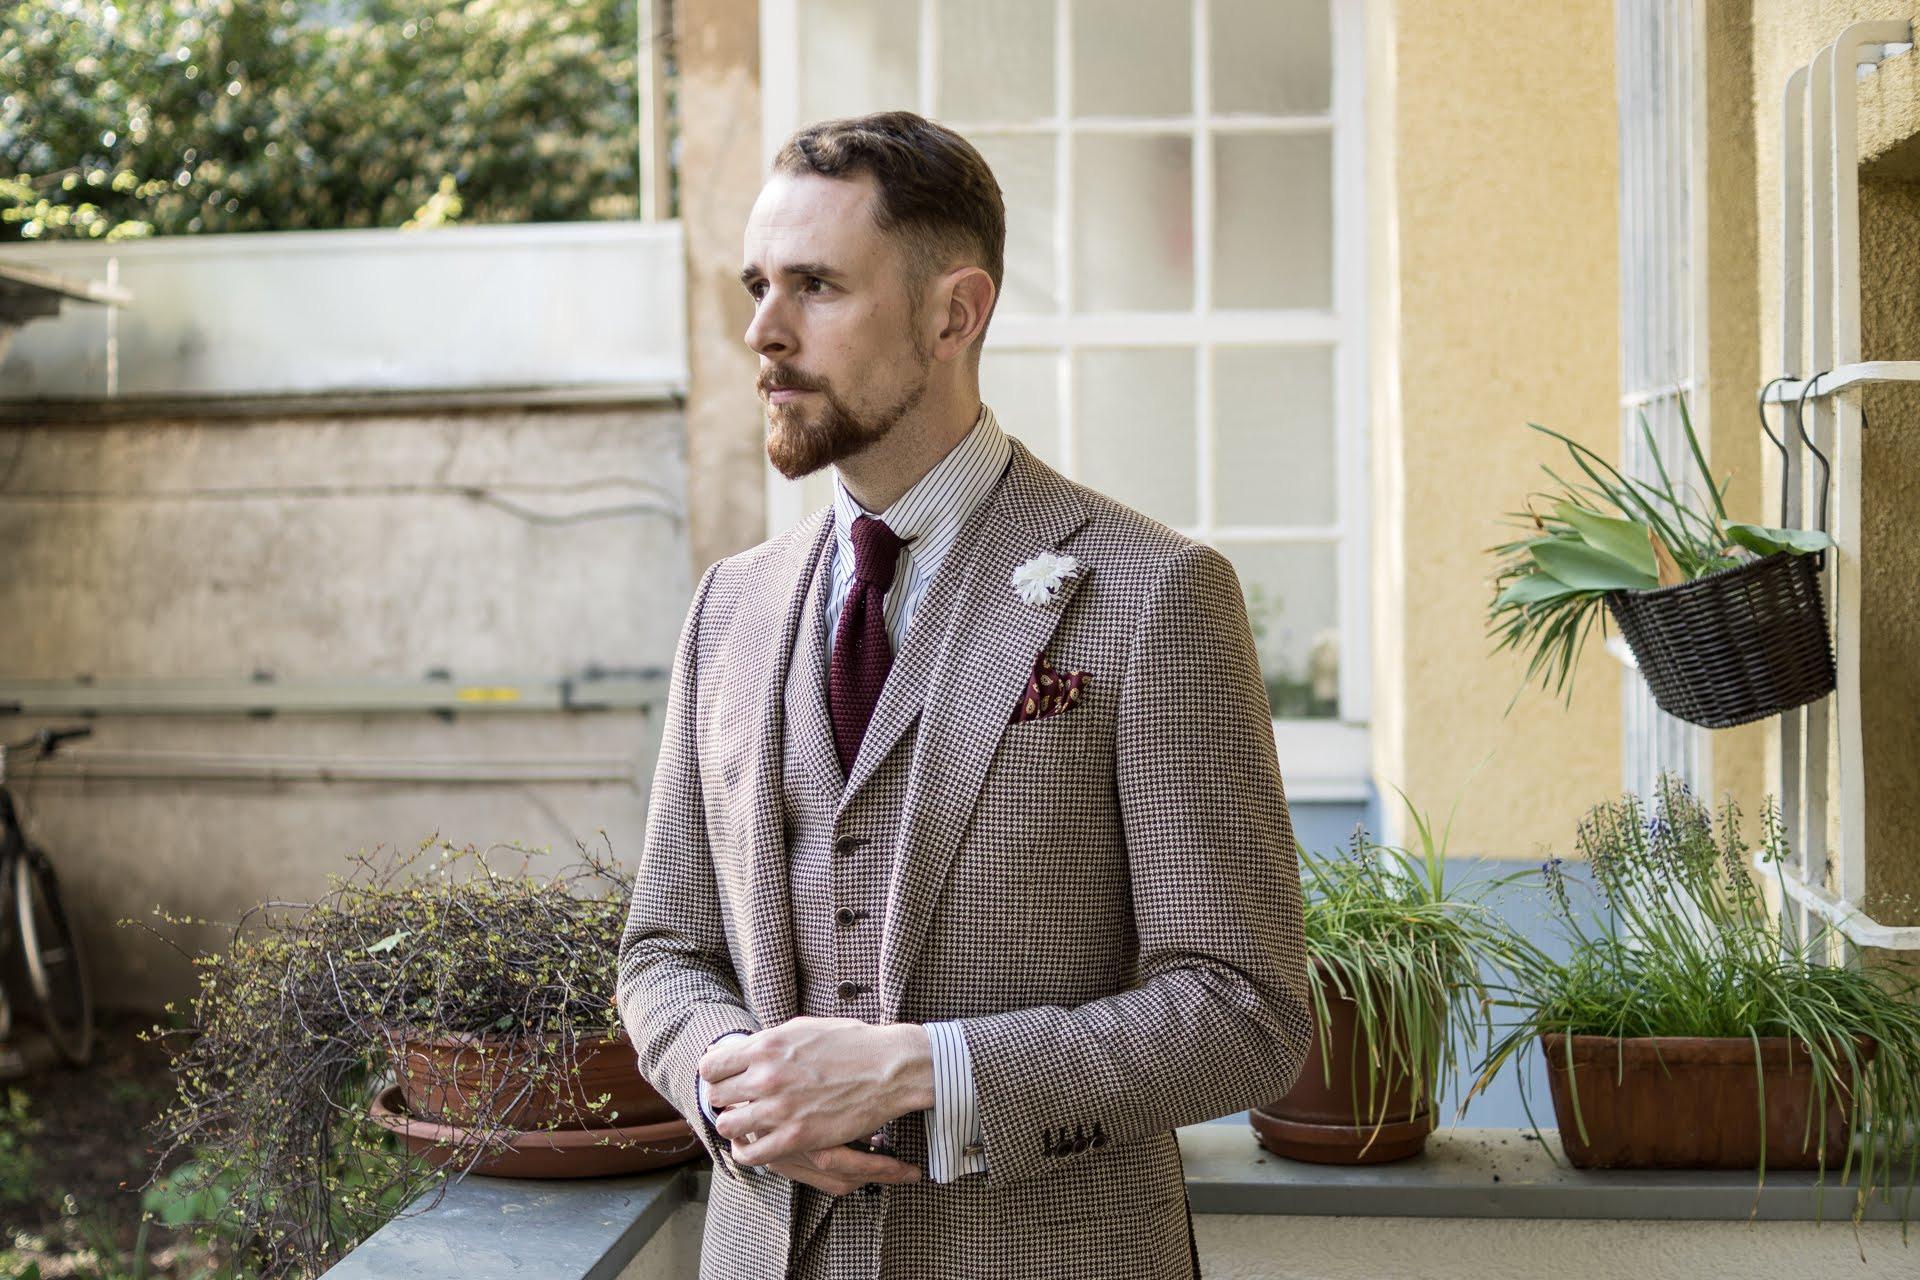 Vintage Hochzeit - Welchen Anzug Trägt Der Bräutigam